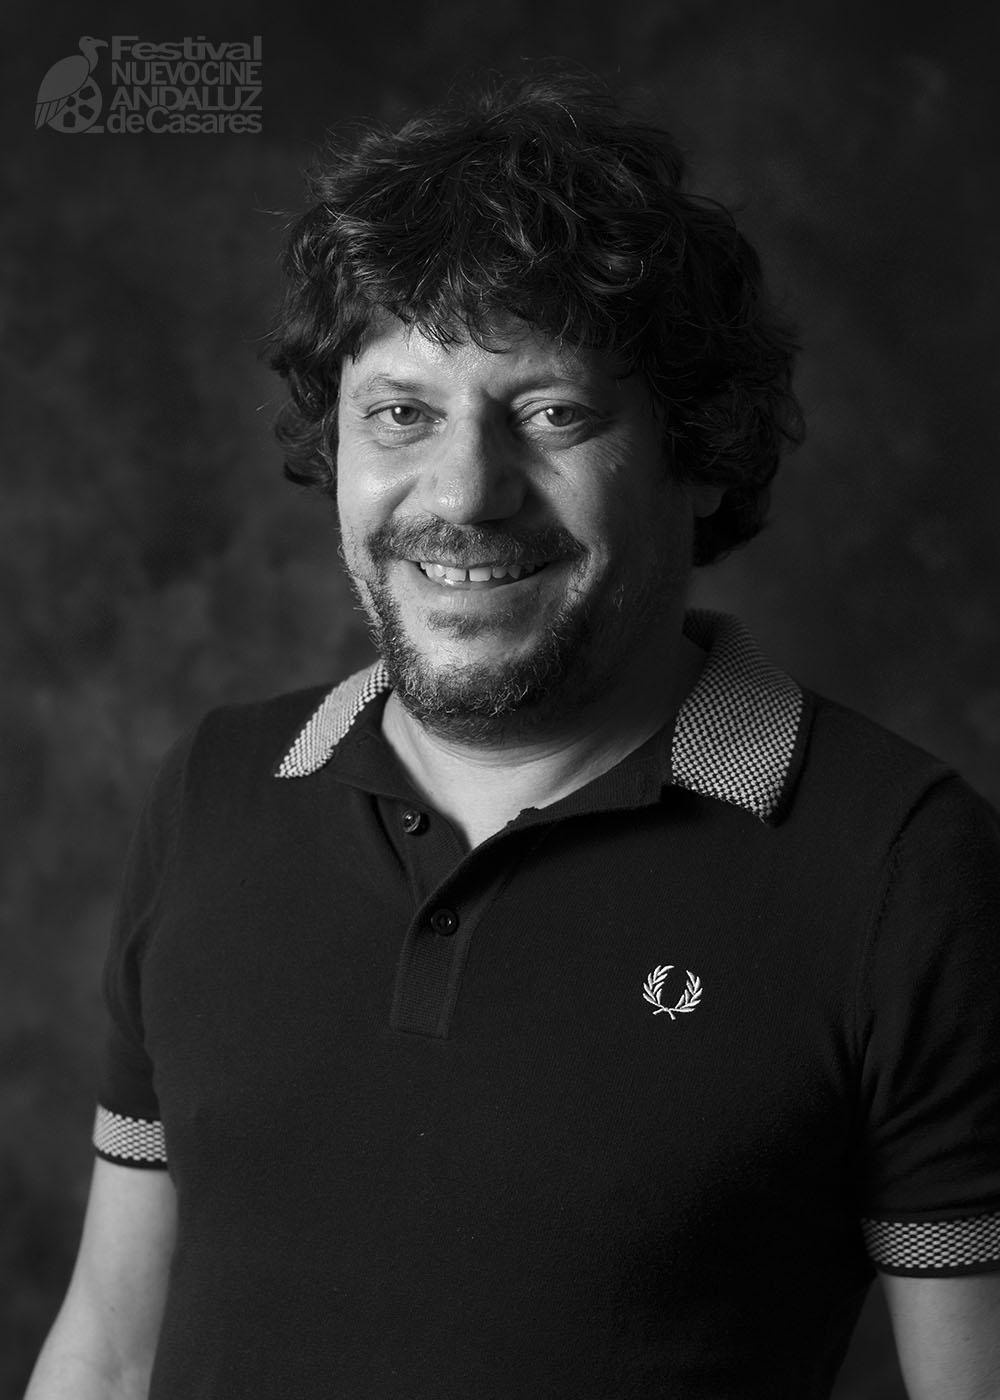 """Santi Amodeo. Director de la película """"Yo, mi mujer y mi mujer muerta"""""""